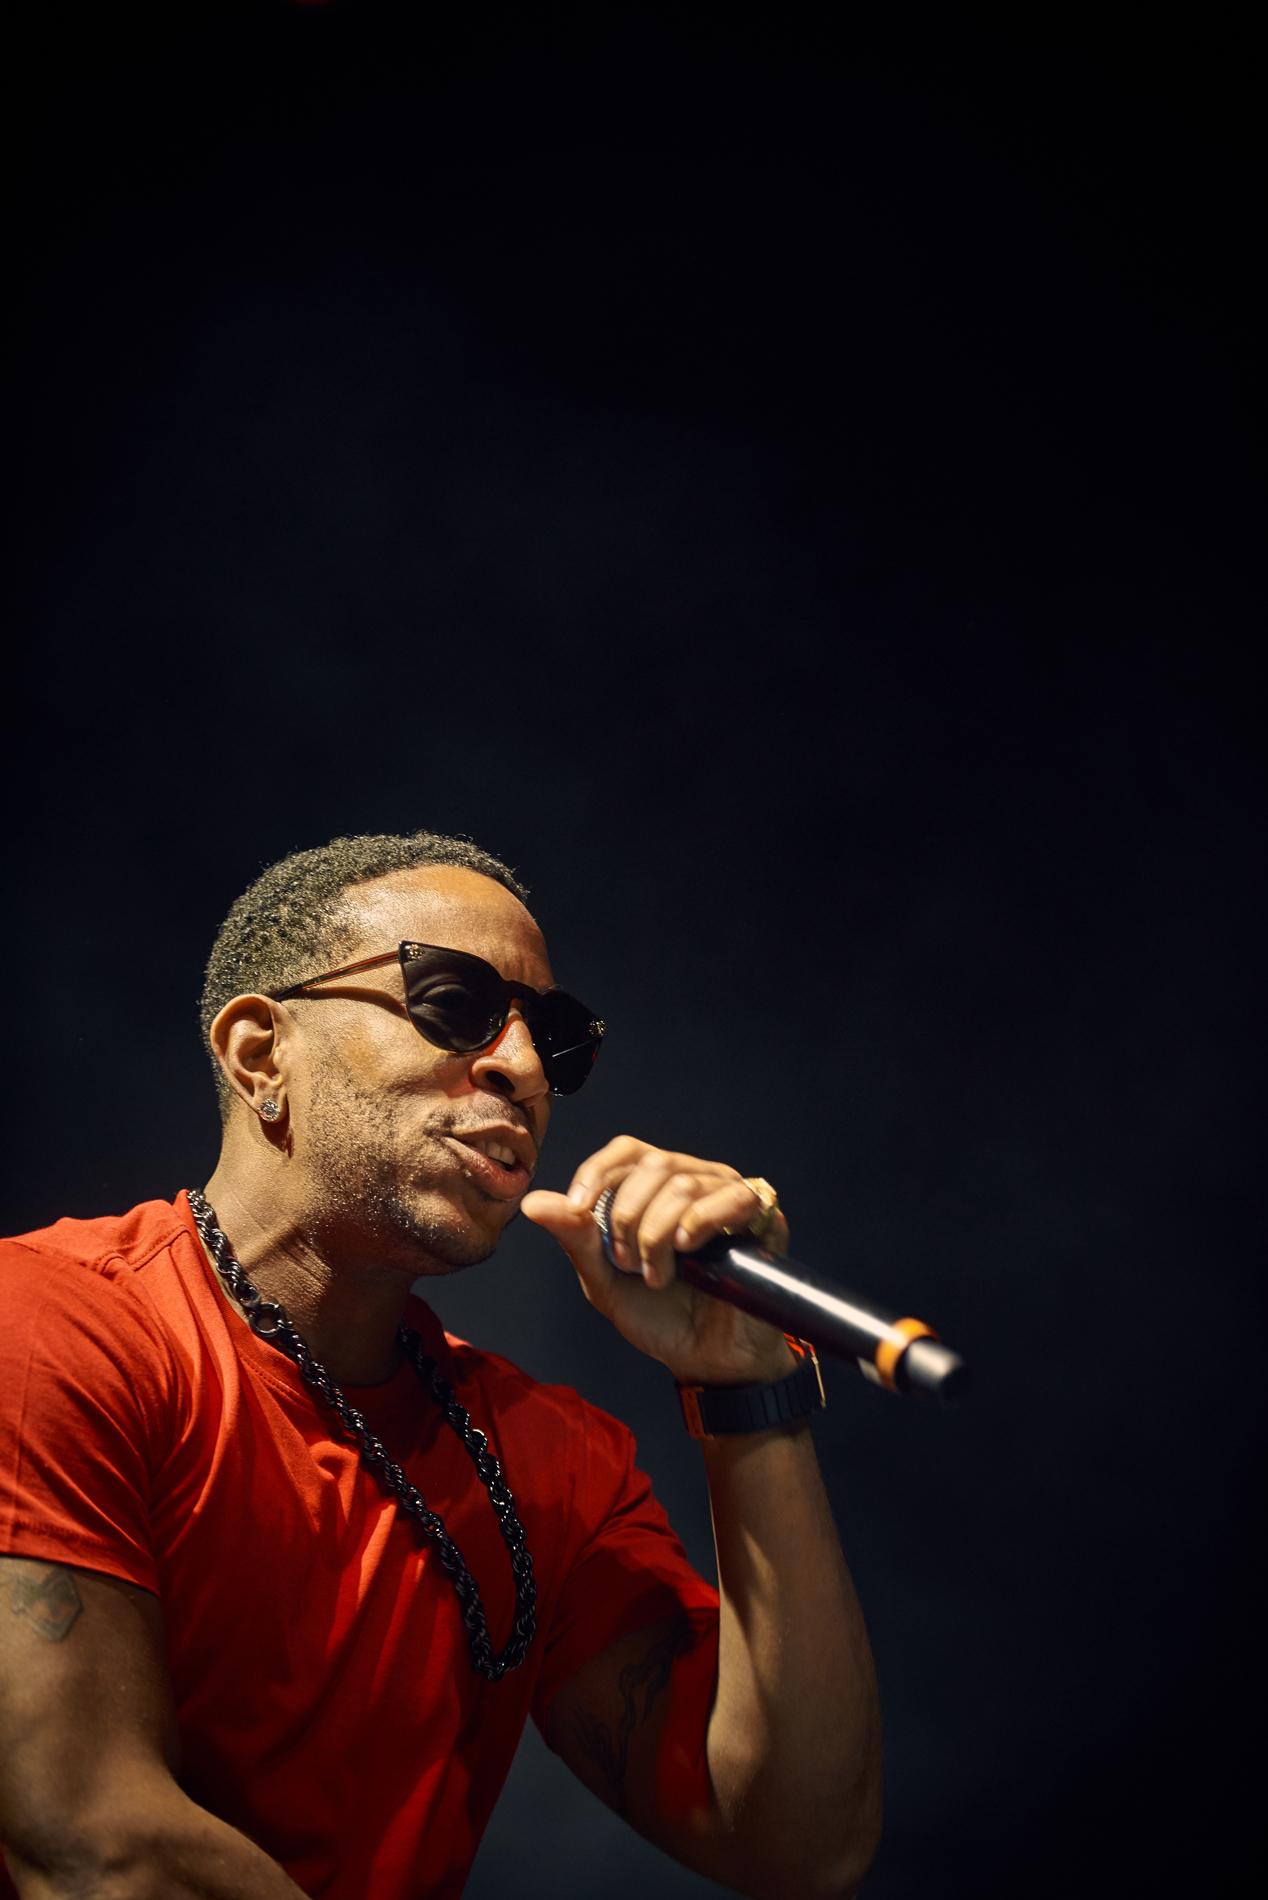 LLL_3300_Ludacris-Live-at-Eventim-Apollo-March-2017.jpg